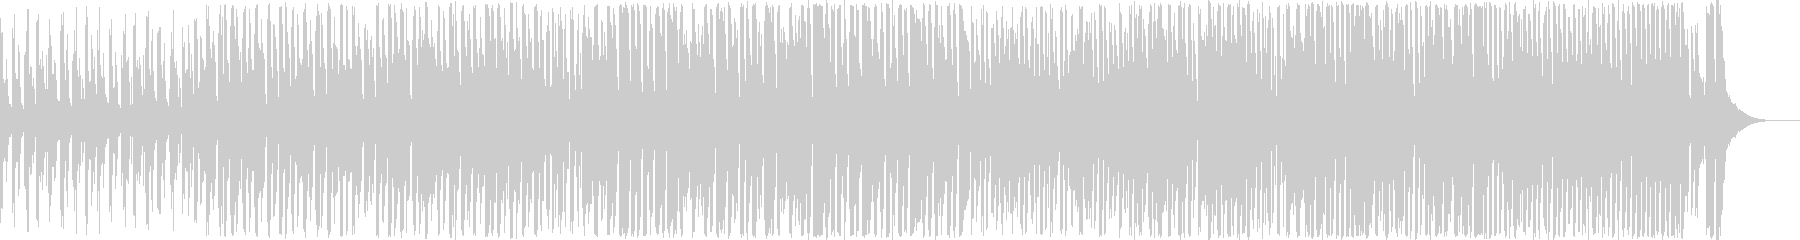 1分間クイズのアスレチックBGMの未再生の波形